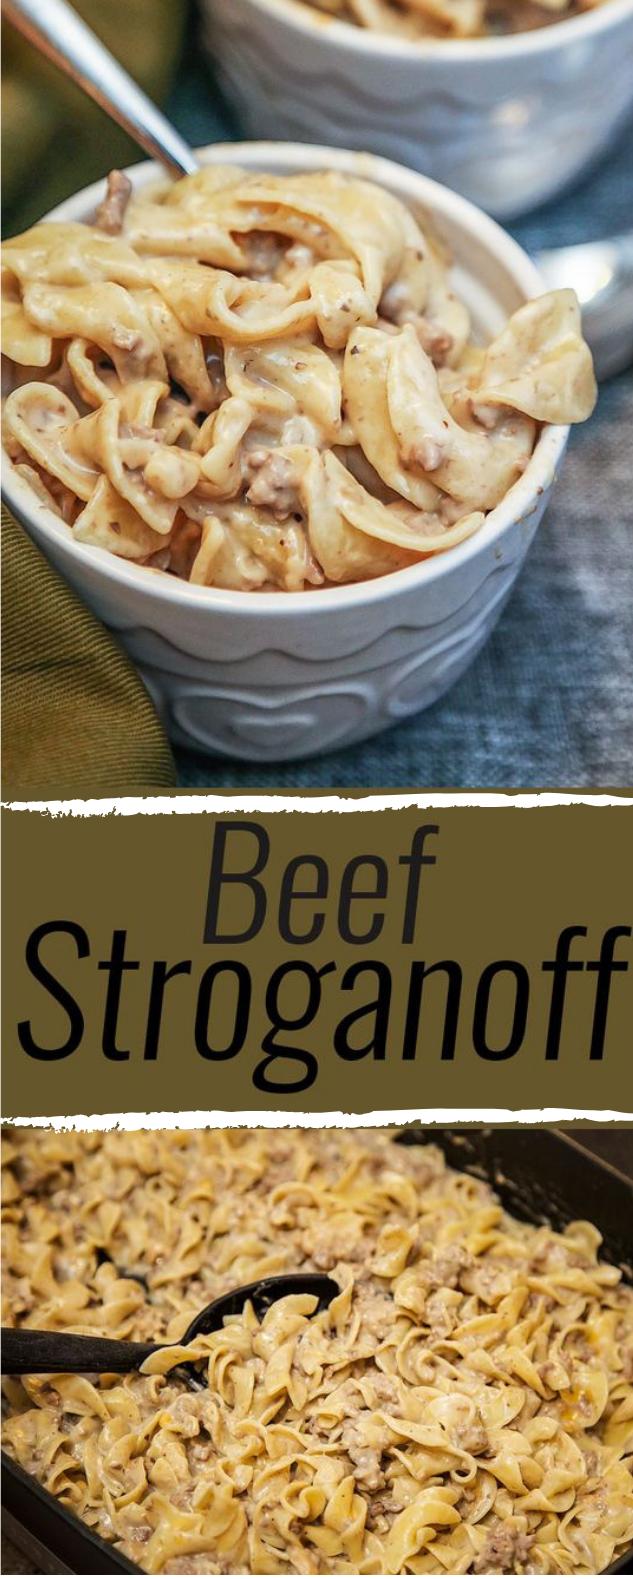 Beef Stroganoff #healthyrecioe #eating